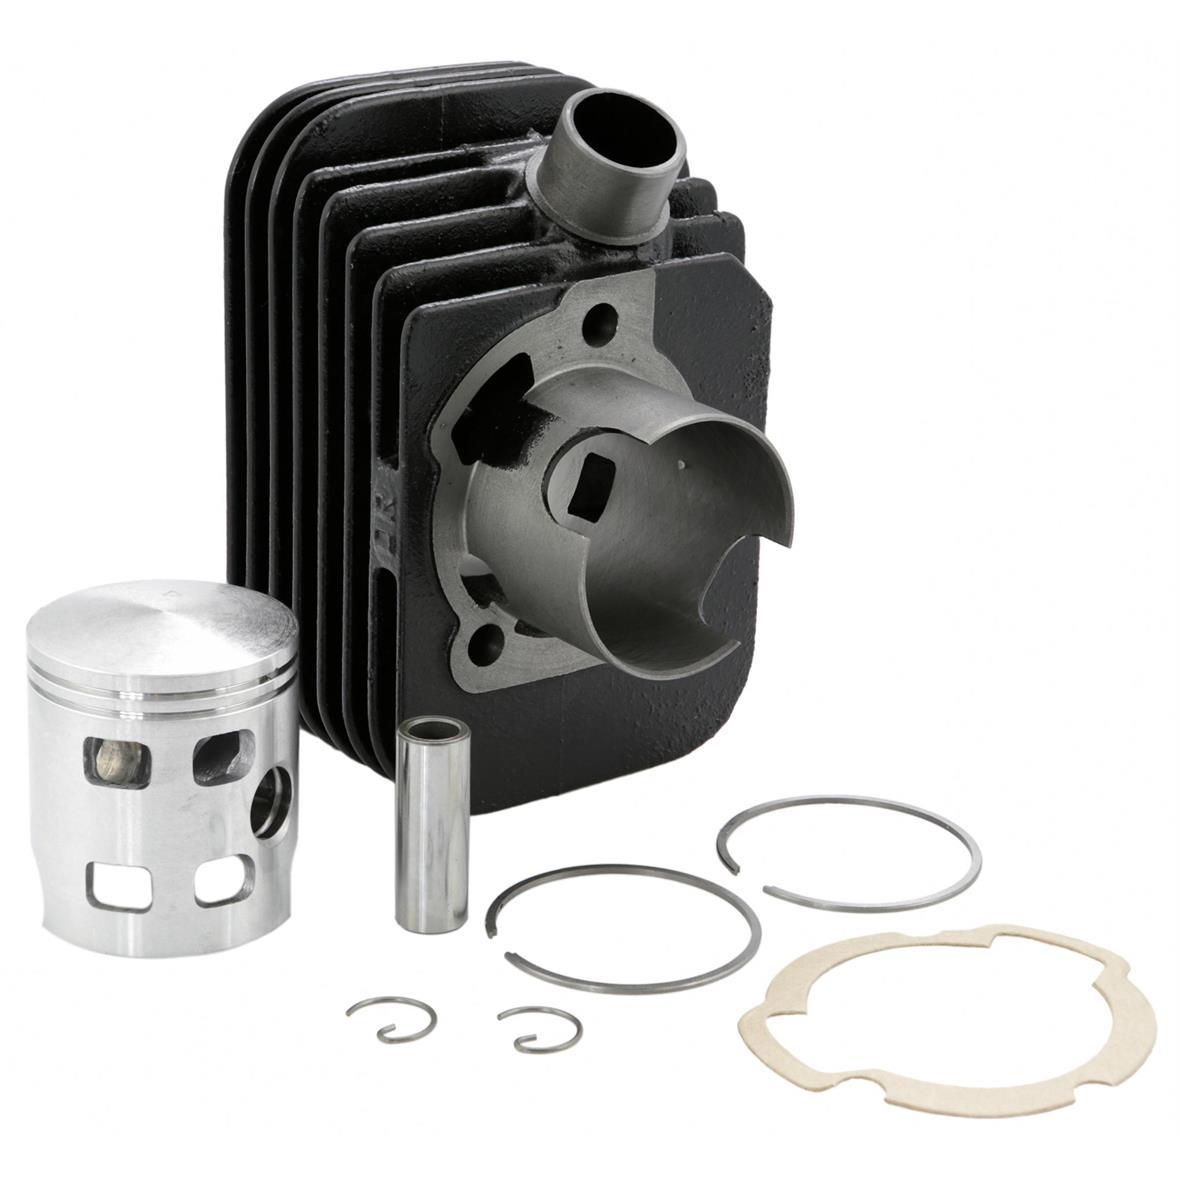 Image du produit 'Cylindre Racing D.R. 63 cc'